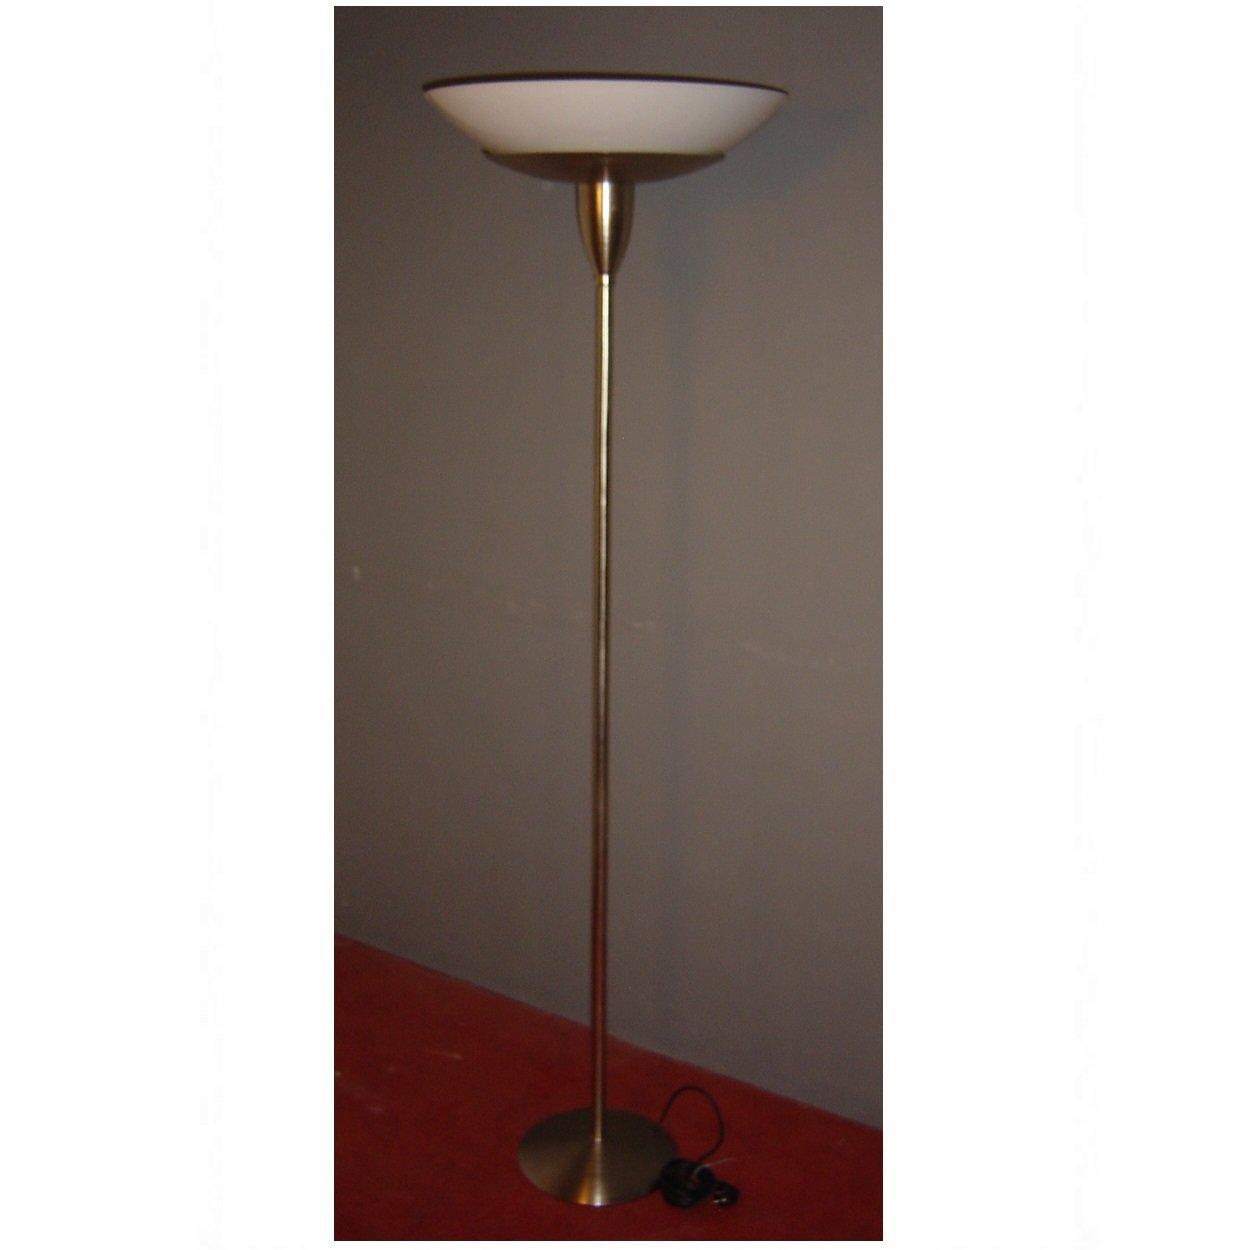 staande lampen de inrichterij dordrecht. Black Bedroom Furniture Sets. Home Design Ideas